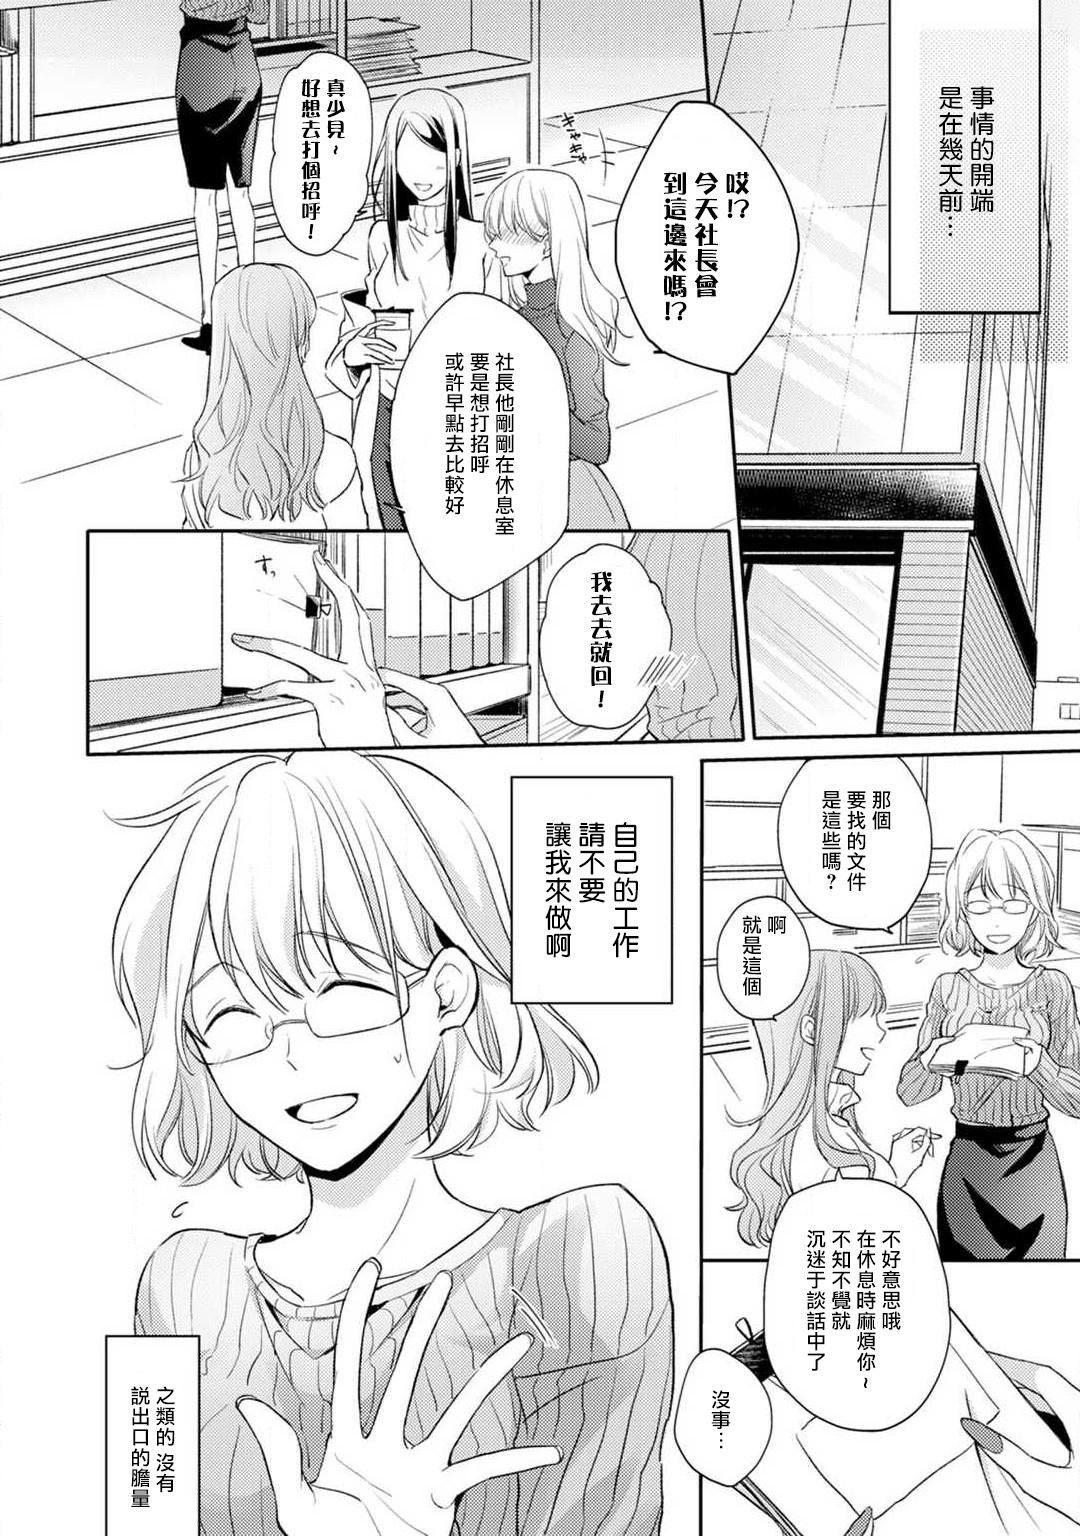 [Shichigatsu Motomi]  Sonna Kao shite, Sasotteru? ~Dekiai Shachou to Migawari Omiaikekkon!?~ 1-11  這種表情,在誘惑我嗎?~溺愛社長和替身相親結婚!? [Chinese] [拾荒者汉化组] 2